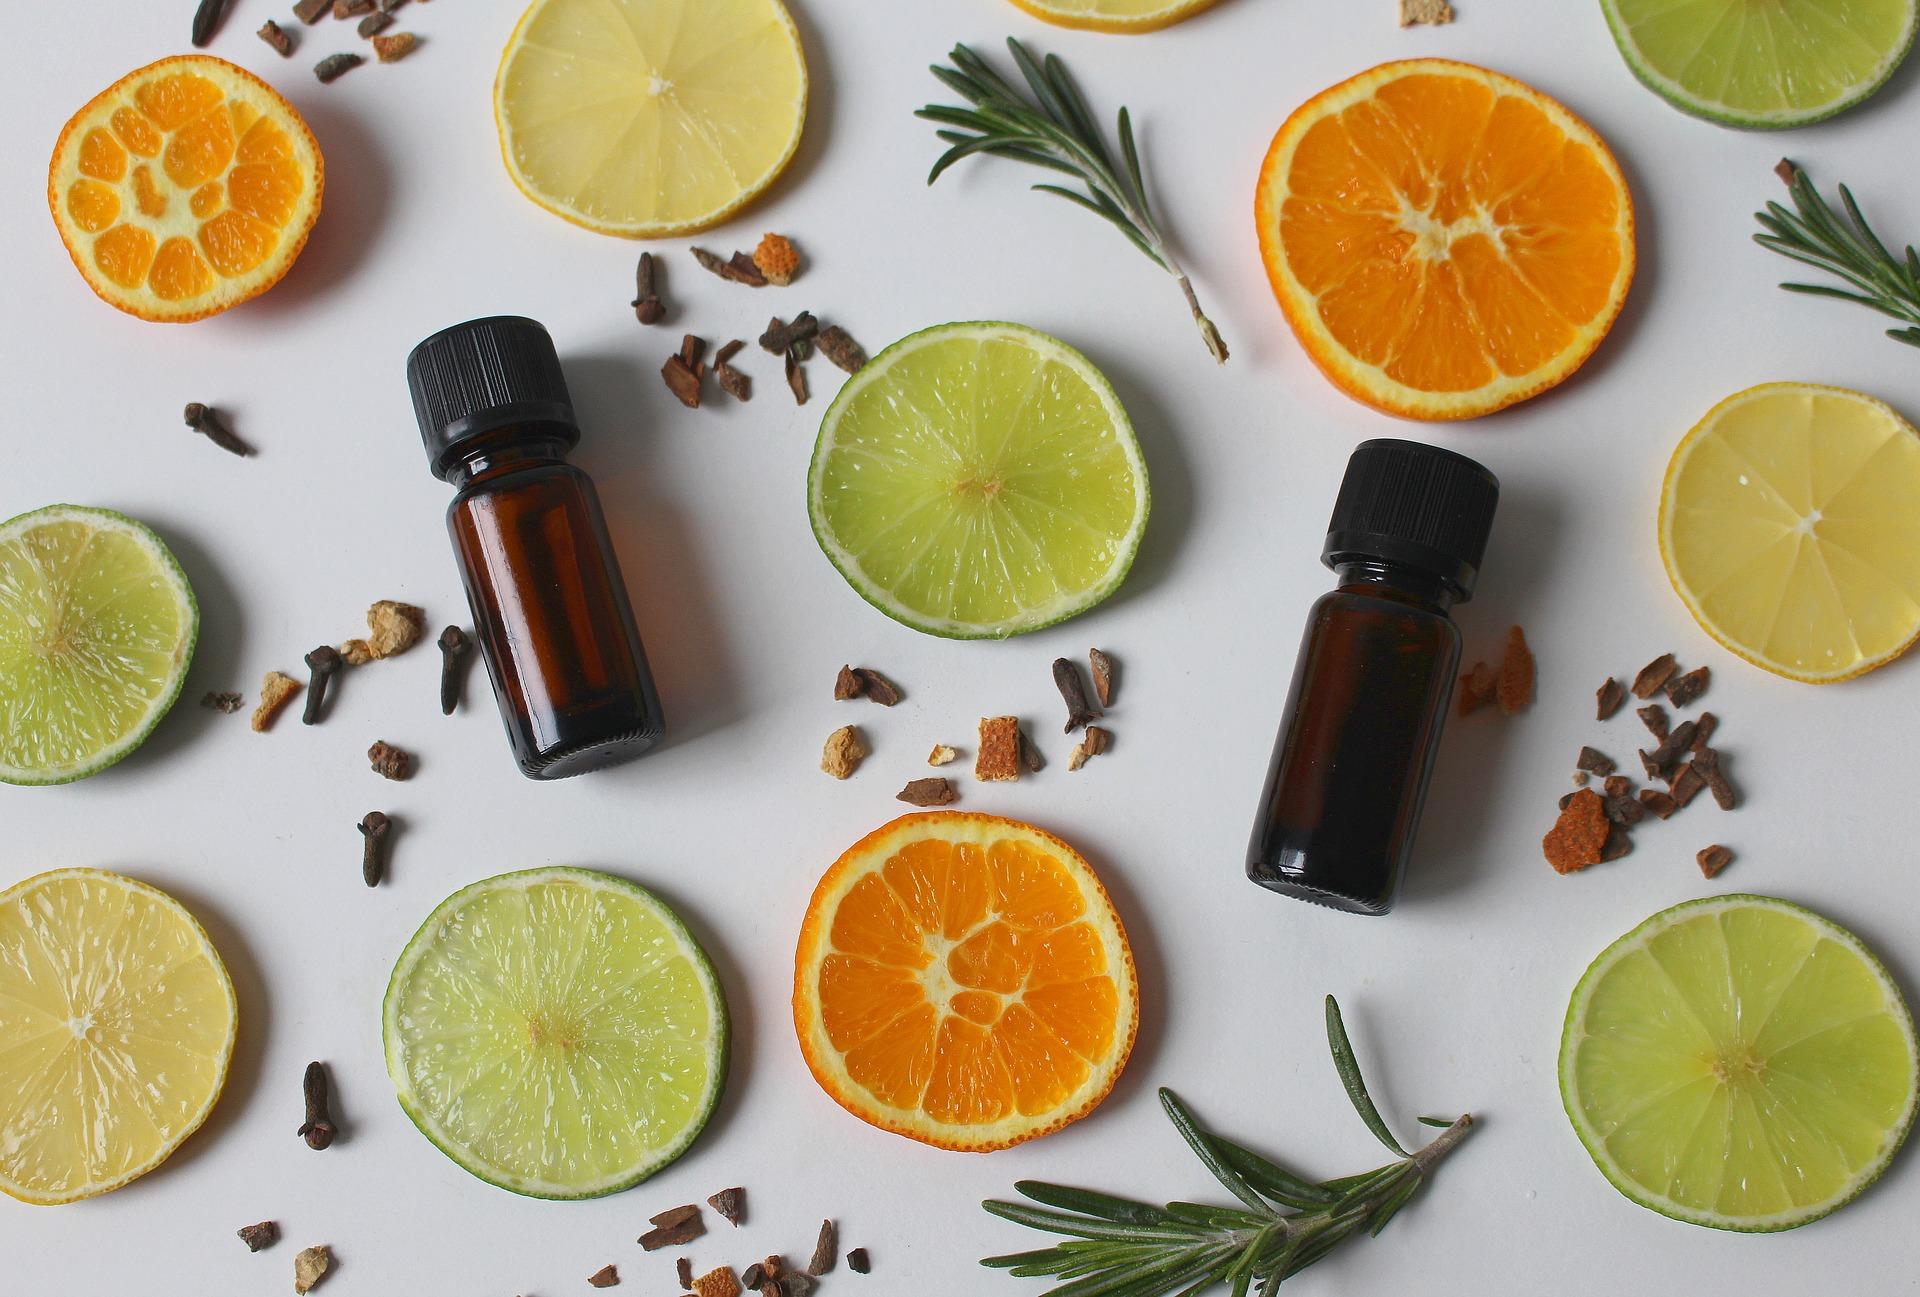 Imagem de várias rodelas de limão, cravos, especiarias e um frasco de vidro